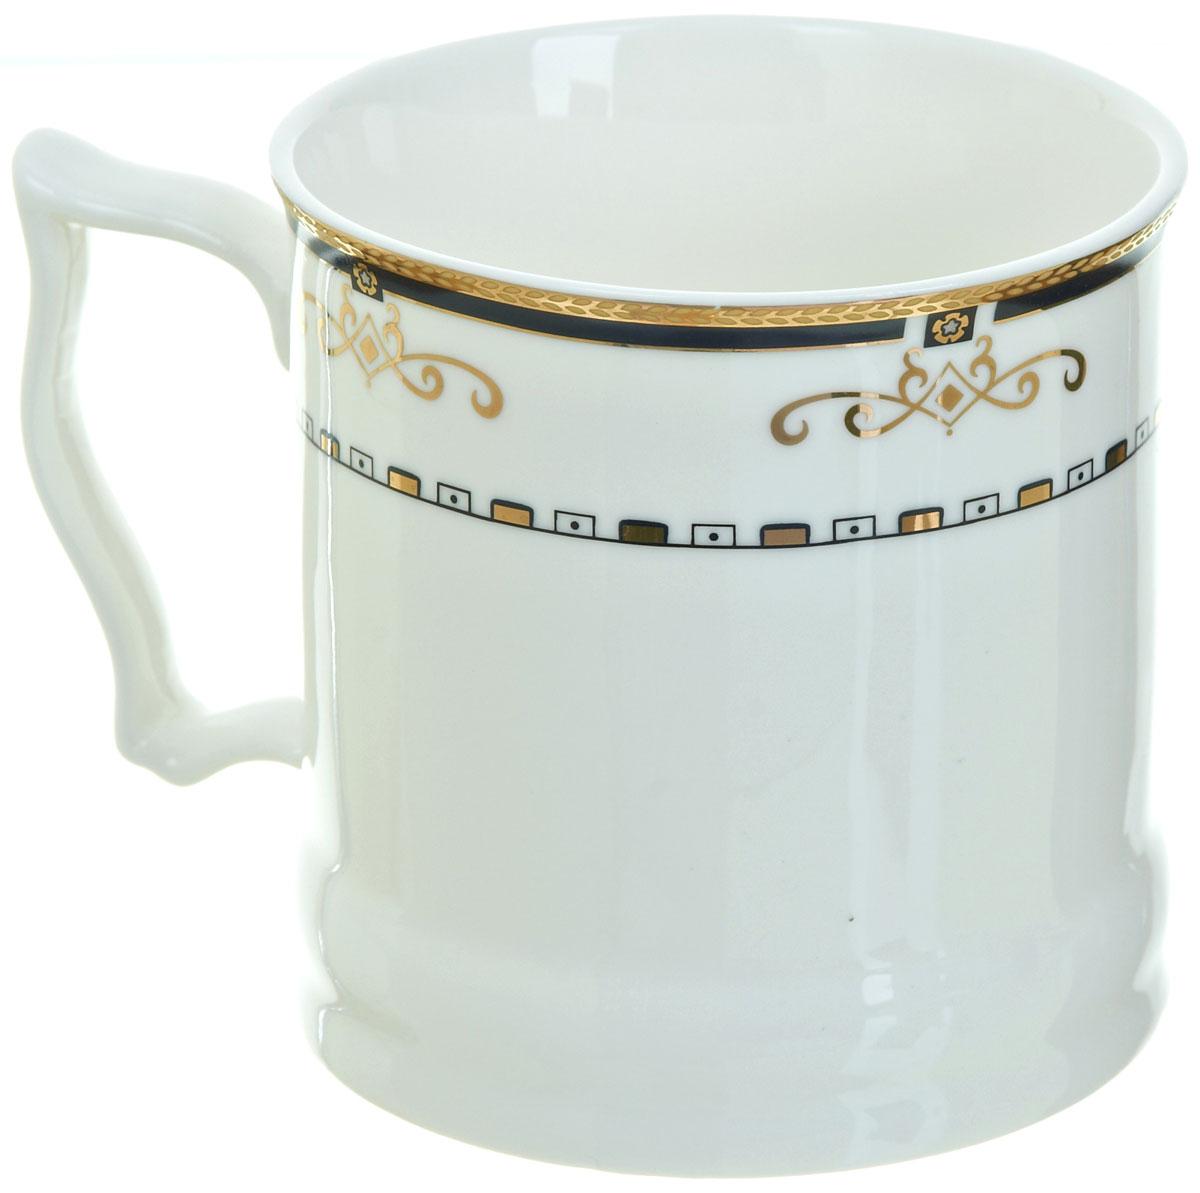 Кружка BHP Королевская кружка, 500 мл. M1870005M1870005Оригинальная кружка Best Home Porcelain, выполненная из высококачественного фарфора, сочетает в себе простой, утонченный дизайн с максимальной функциональностью. Можно использовать в посудомоечной машине.